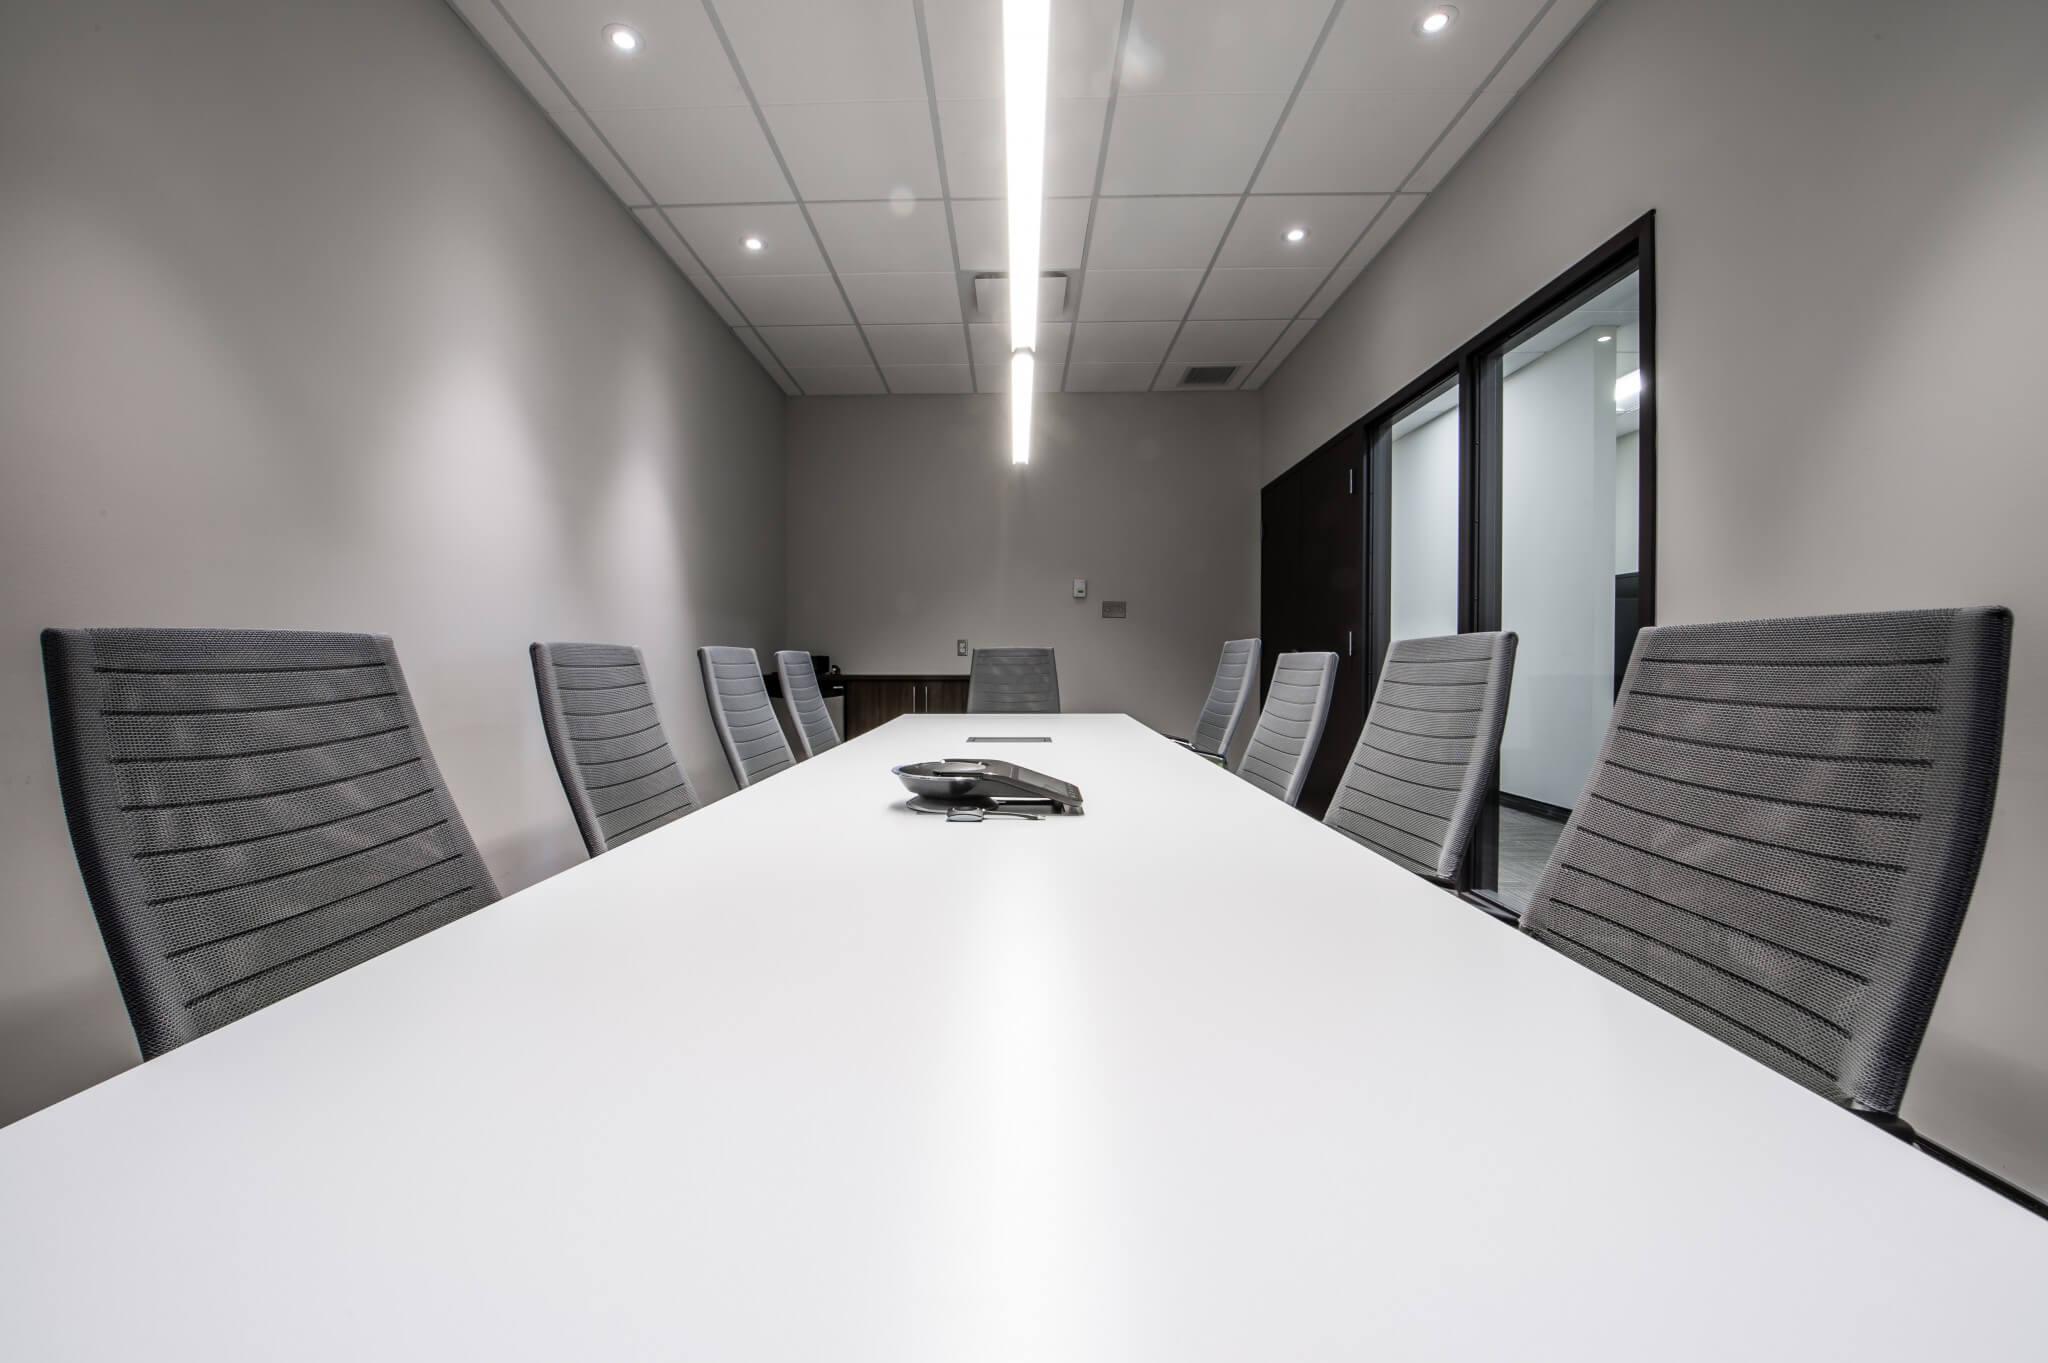 Salle de conférence de bureau